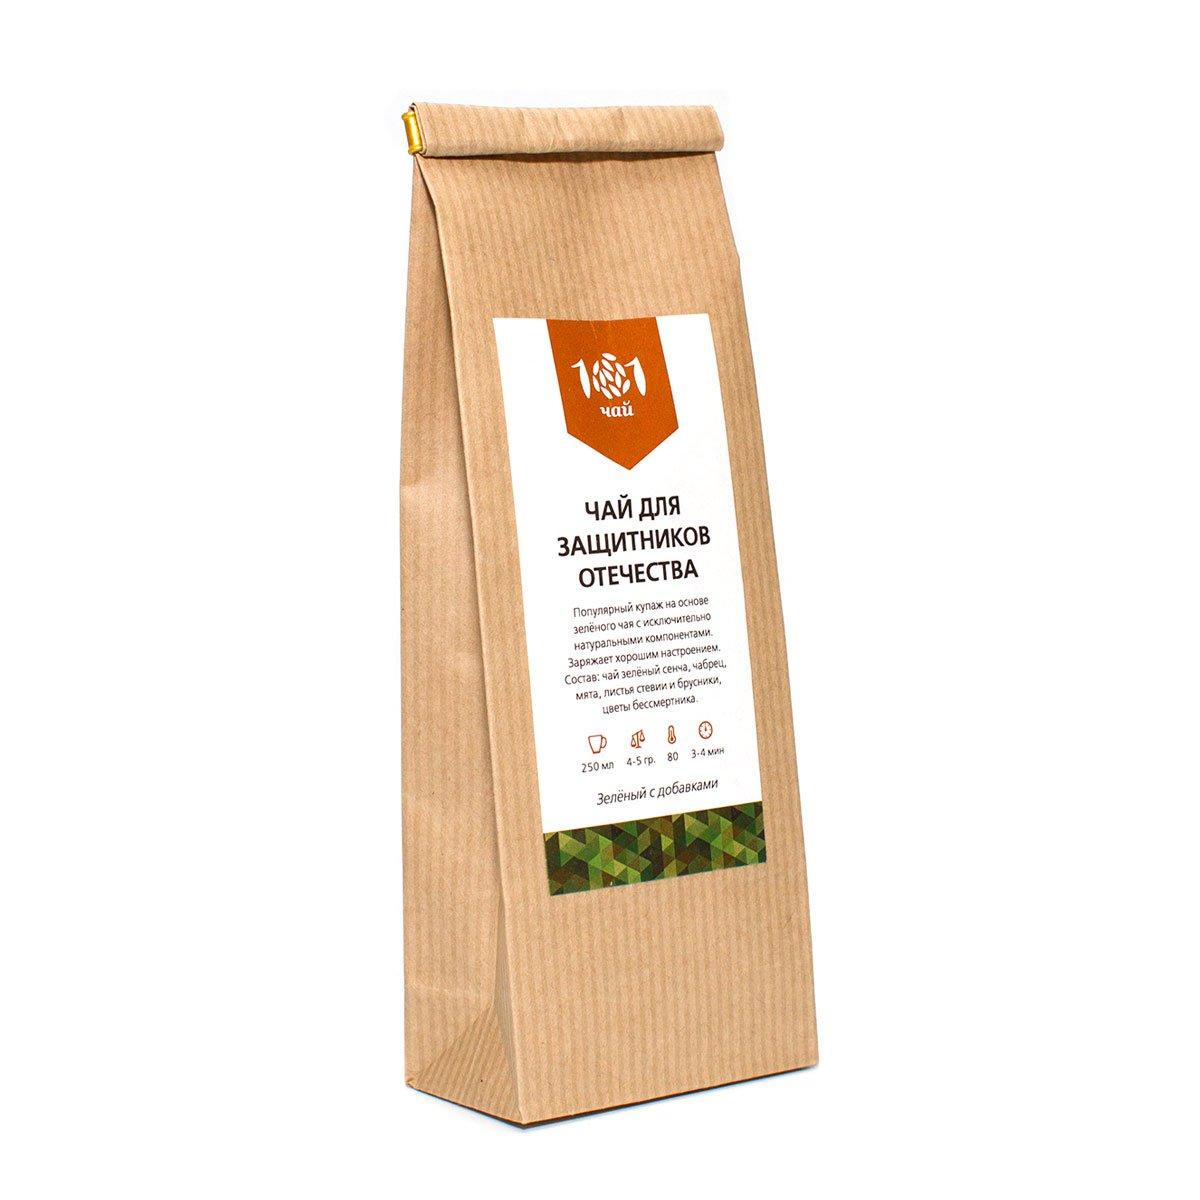 Чай для защитников отечества (зеленый) от 101 Чай